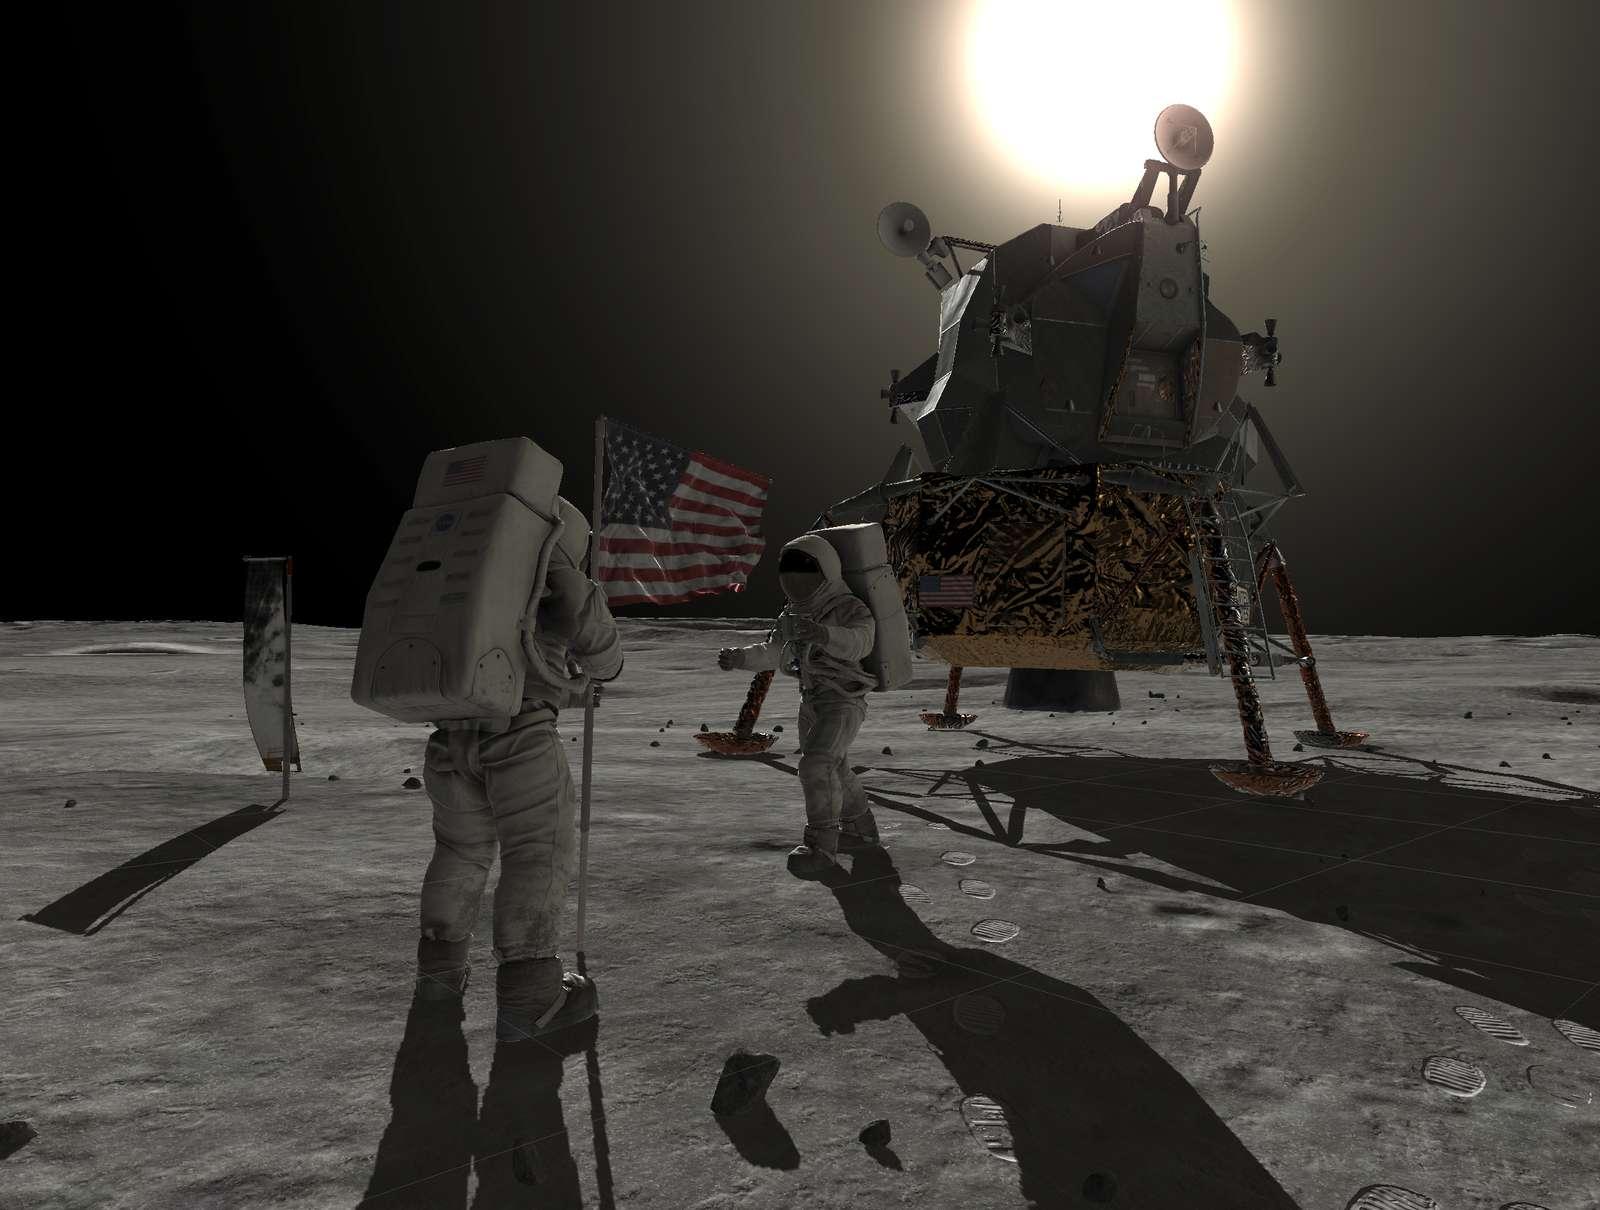 Marchez sur la Lune dans les pas de Neil Armstrong, 50 ans après. © Smithsonian